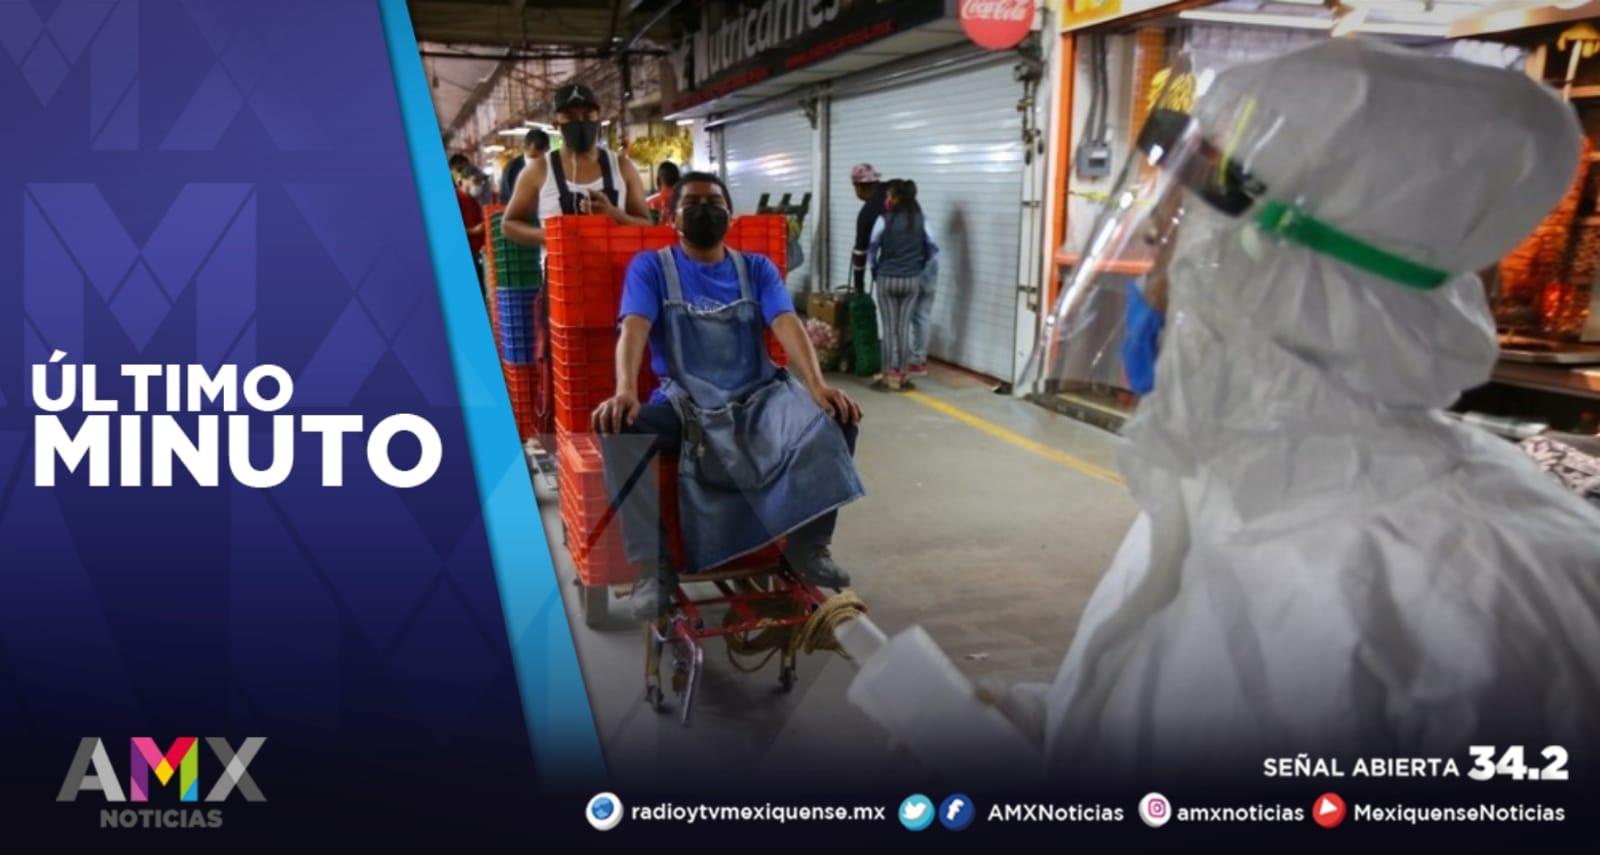 MÉXICO REGISTRA MÁS DE 2 MILLONES 411 MIL CASOS CONFIRMADOS DE COVID-19